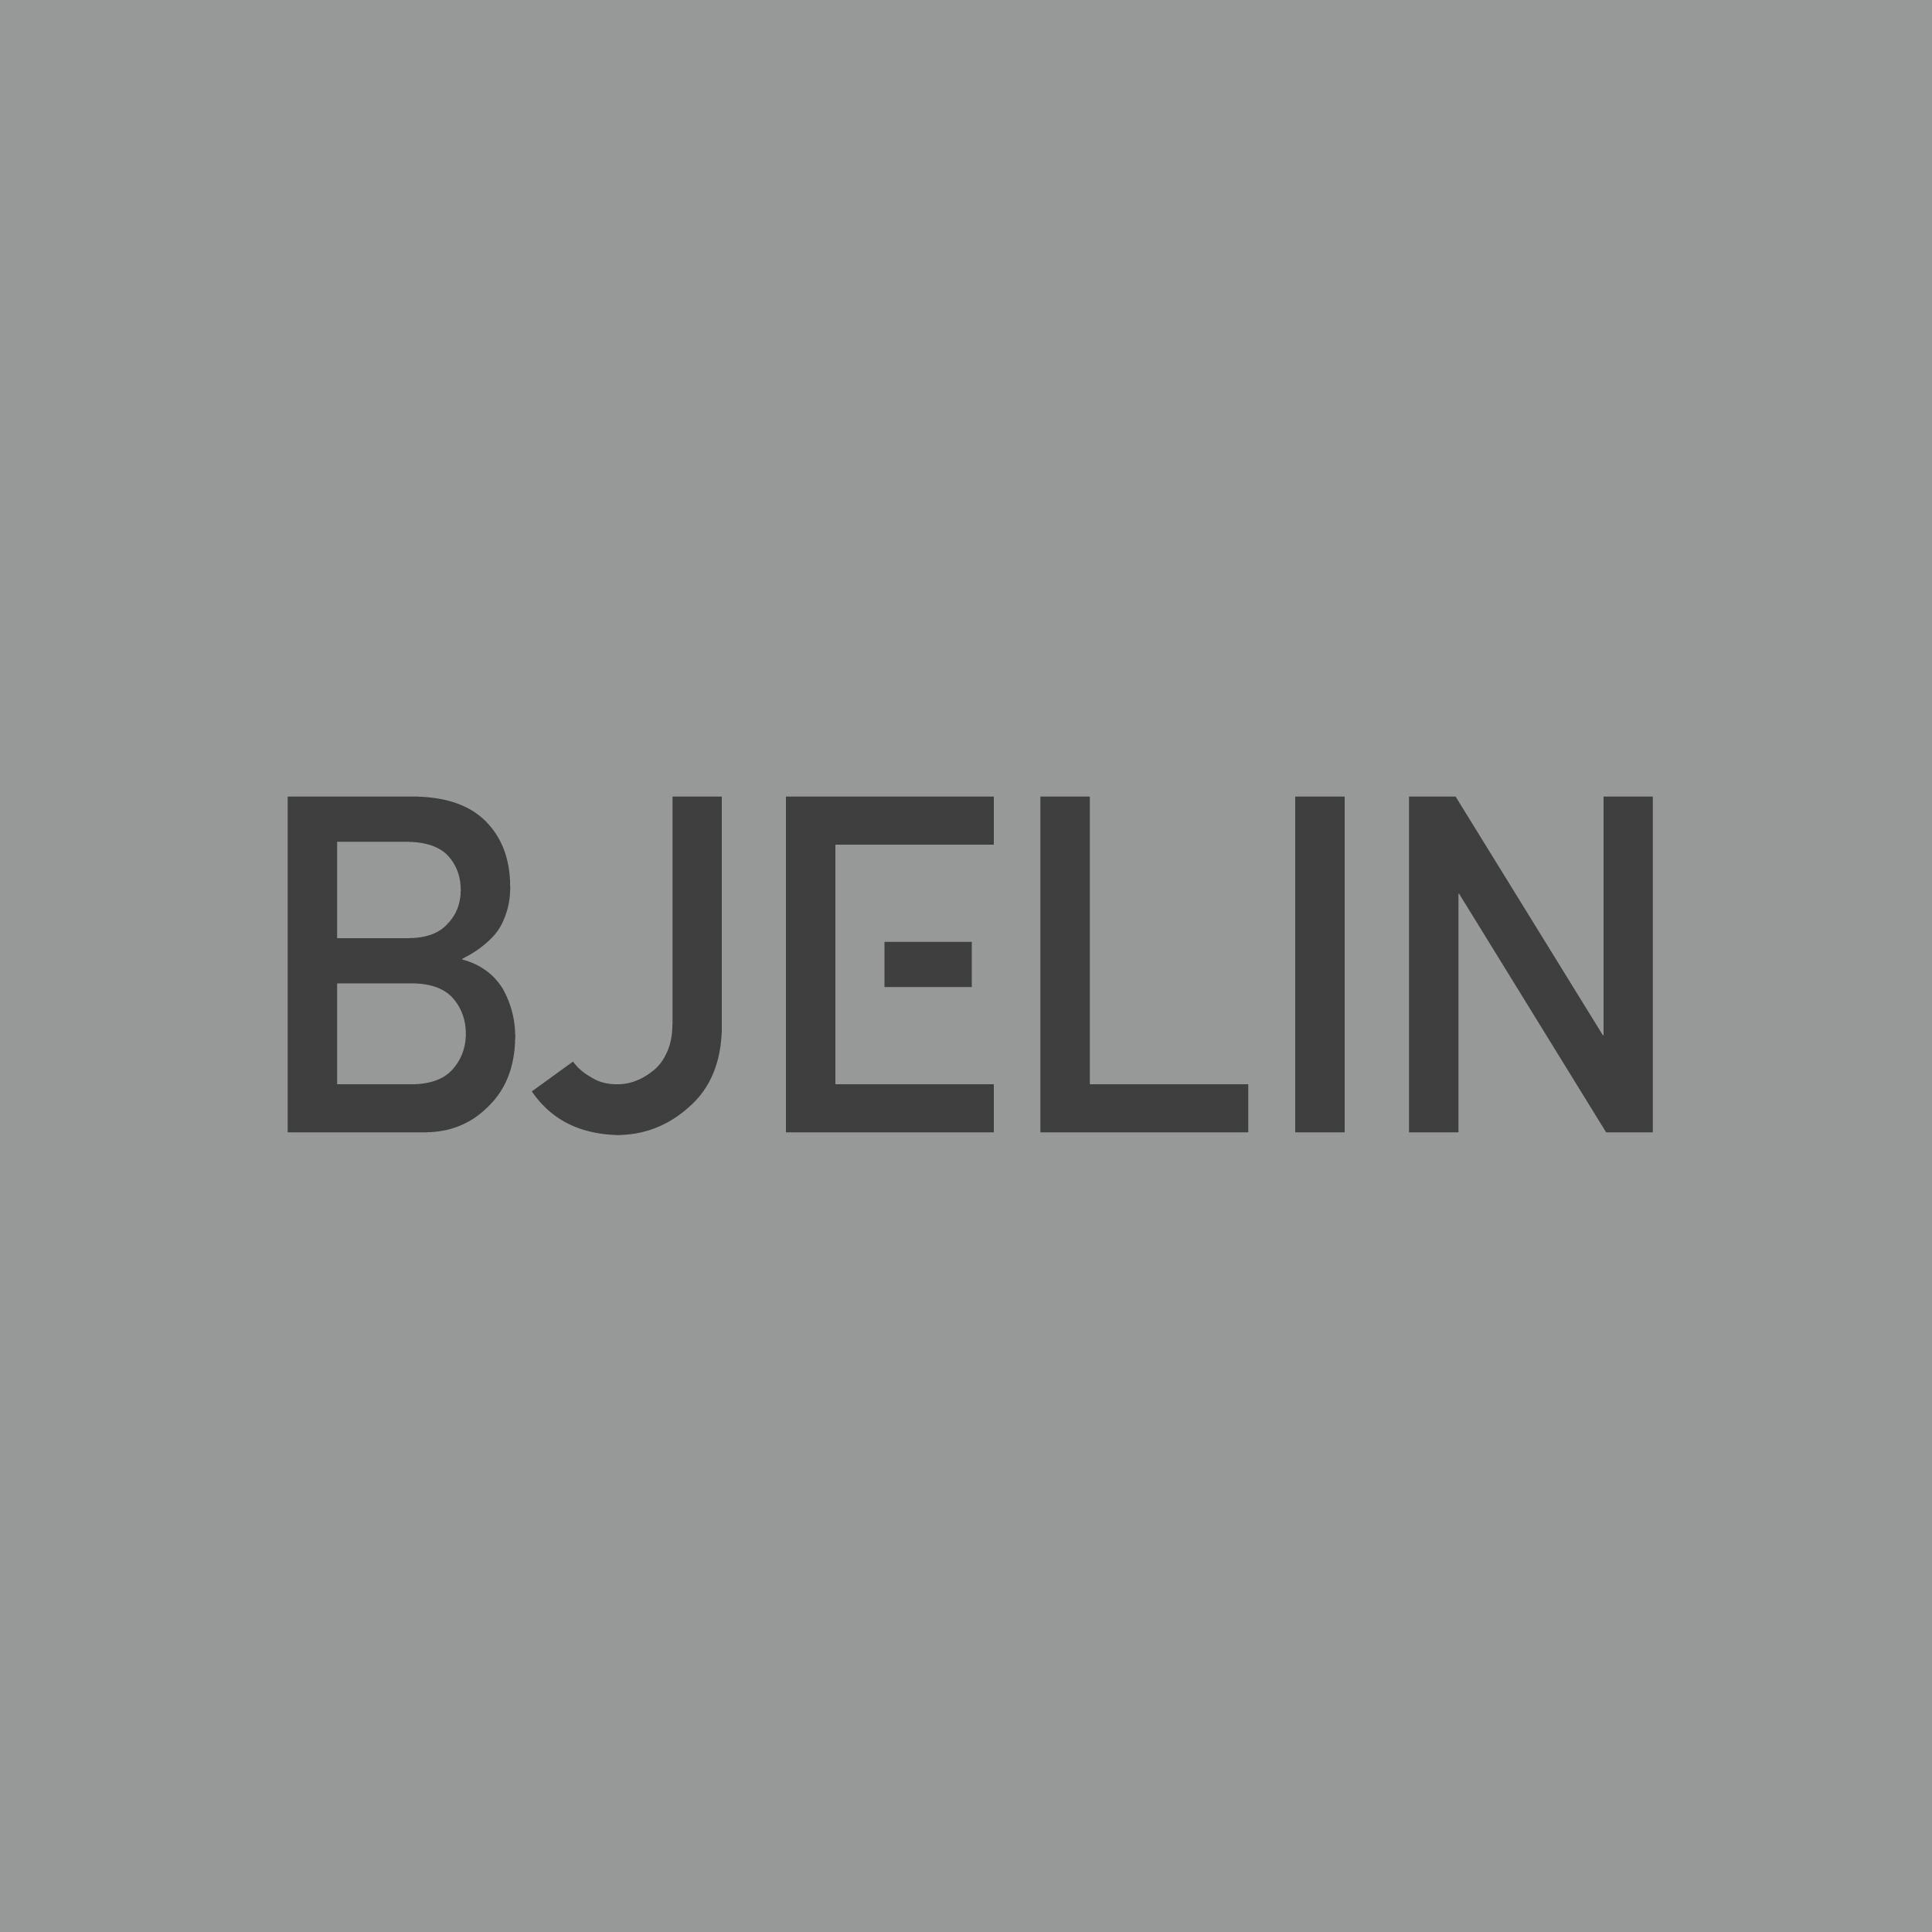 Bjelin logo.jpeg